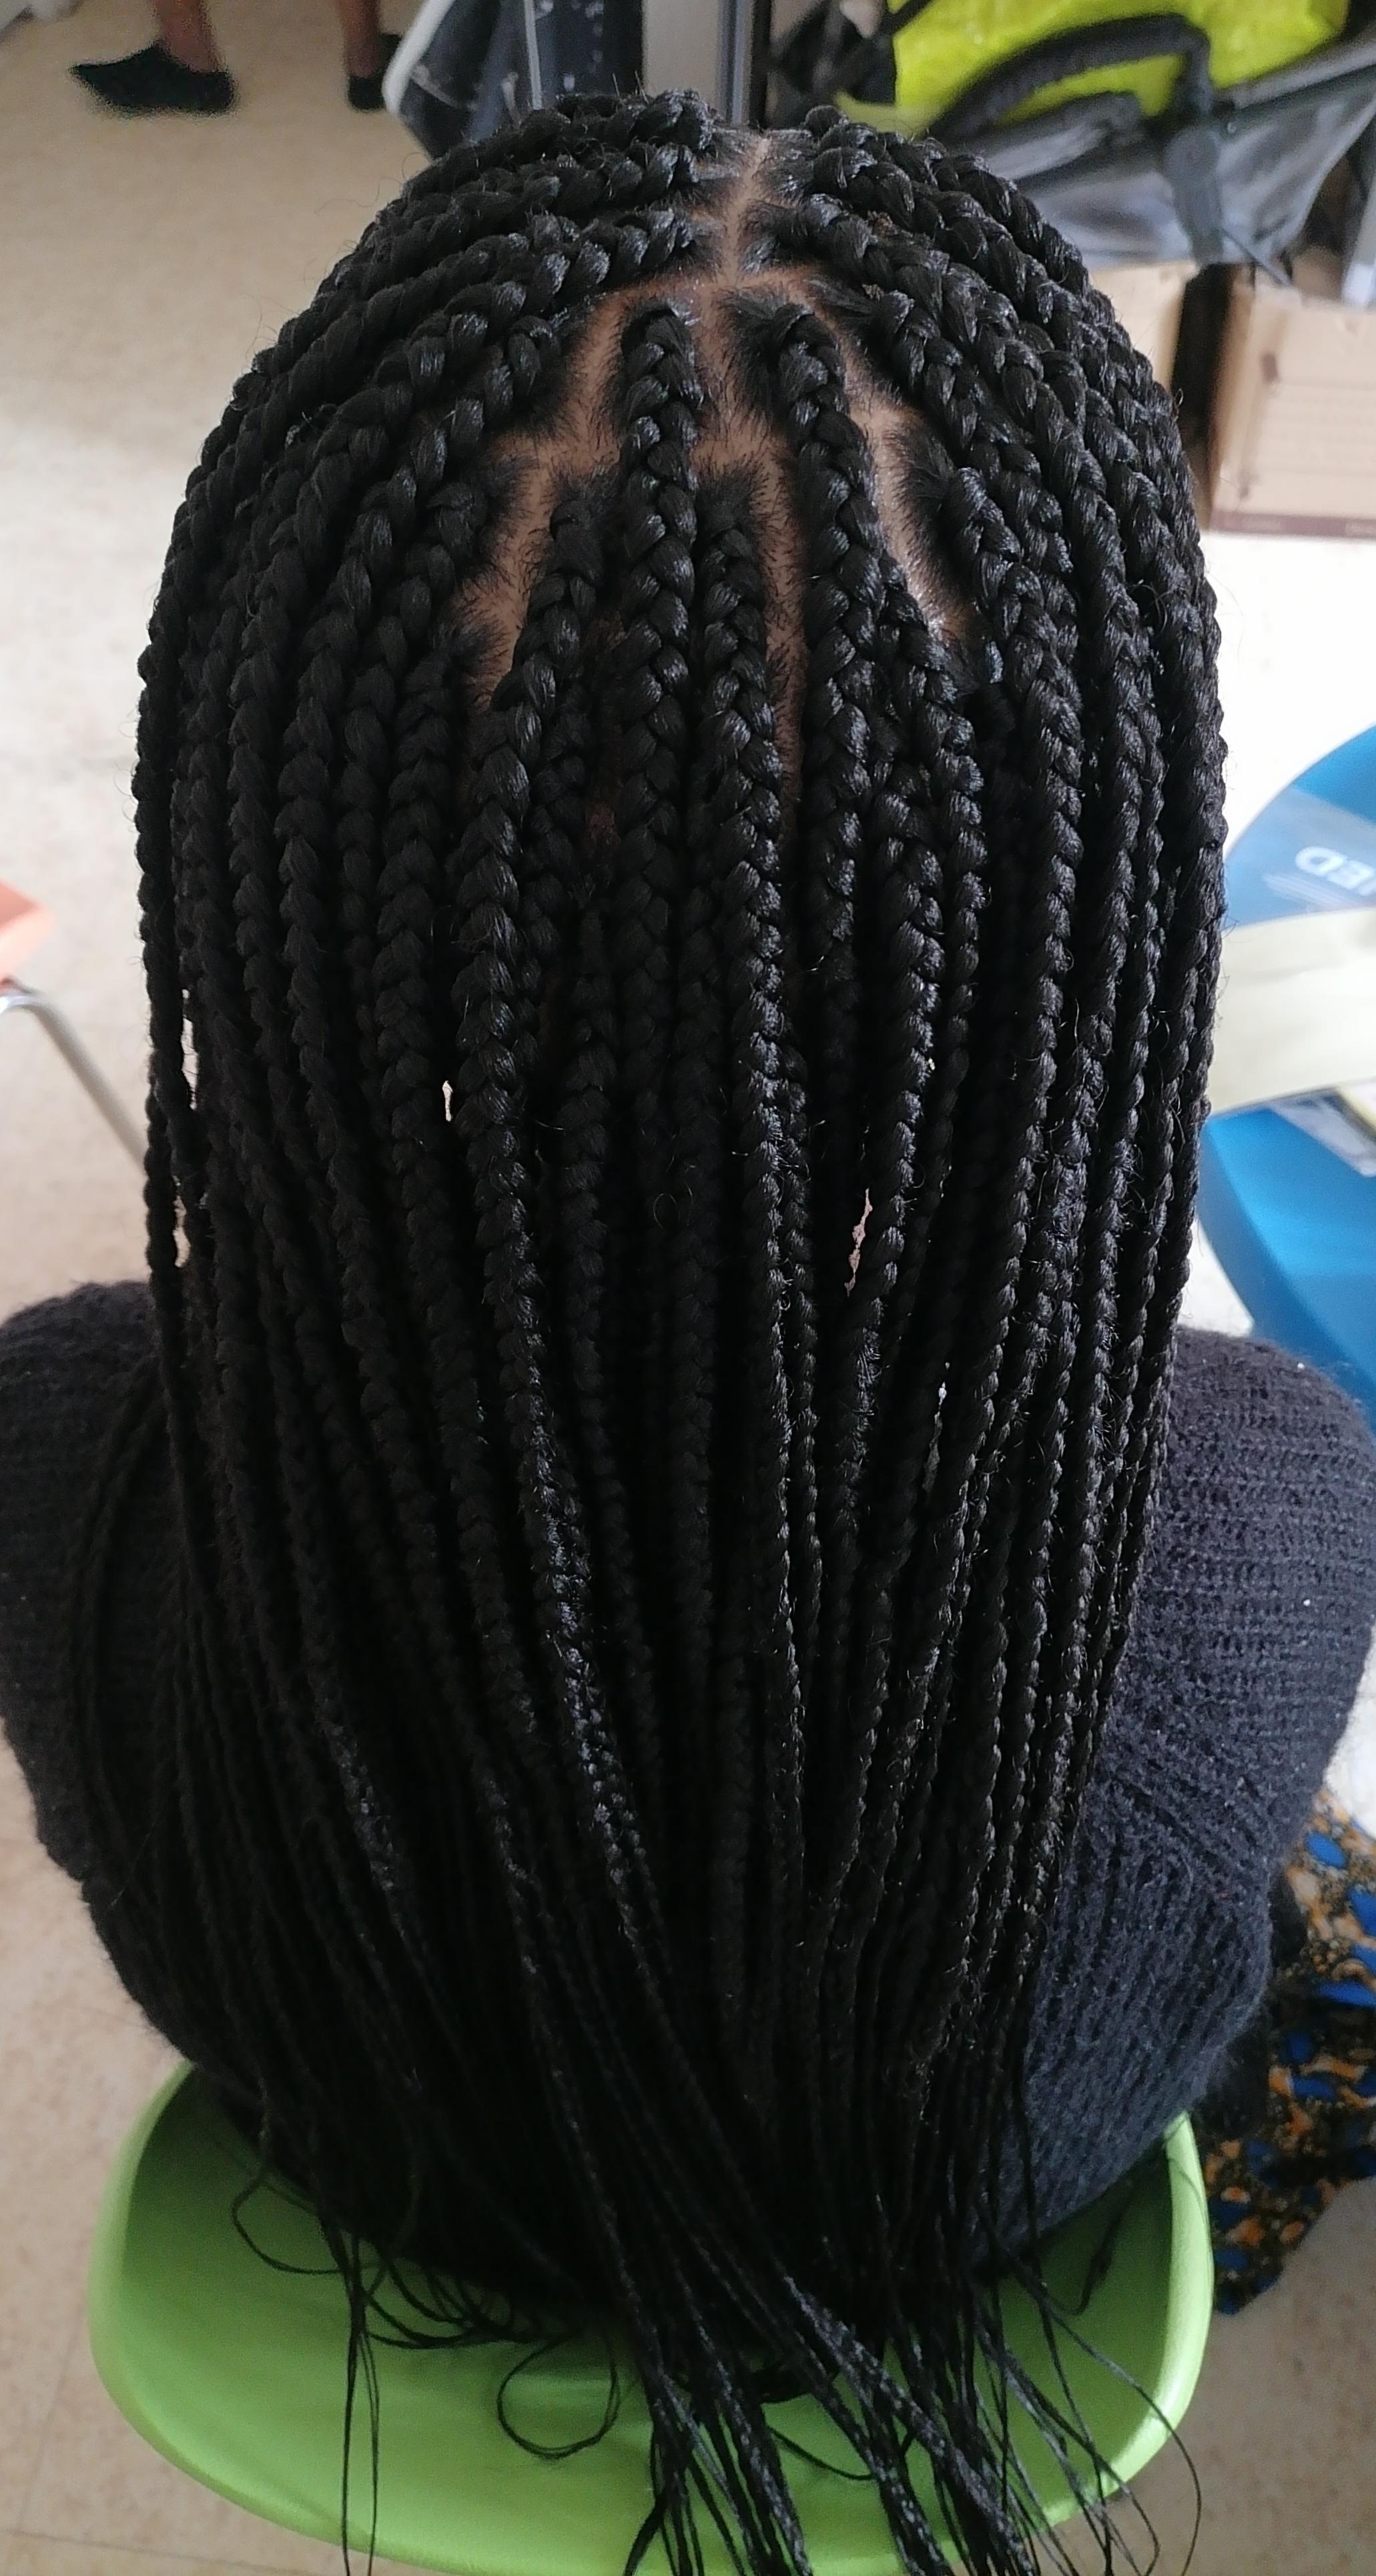 salon de coiffure afro tresse tresses box braids crochet braids vanilles tissages paris 75 77 78 91 92 93 94 95 KMXUZYNC